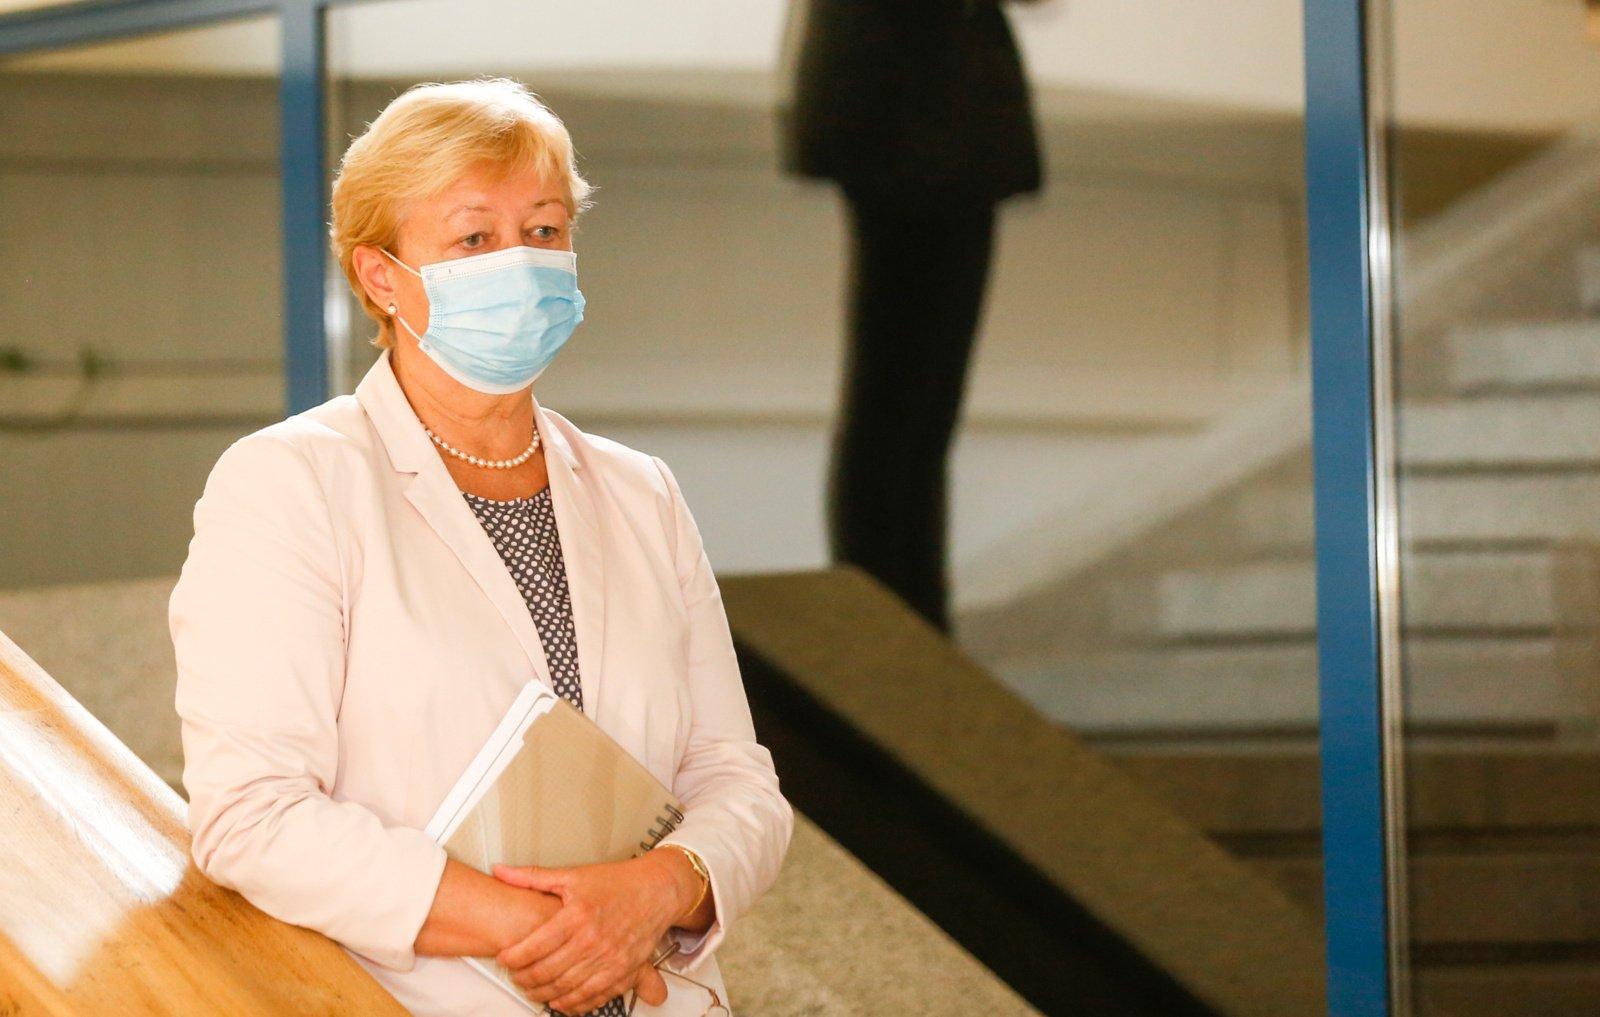 Epidemiologė: 84 ugdymo įstaigose registruotas 181 koronaviruso atvejis